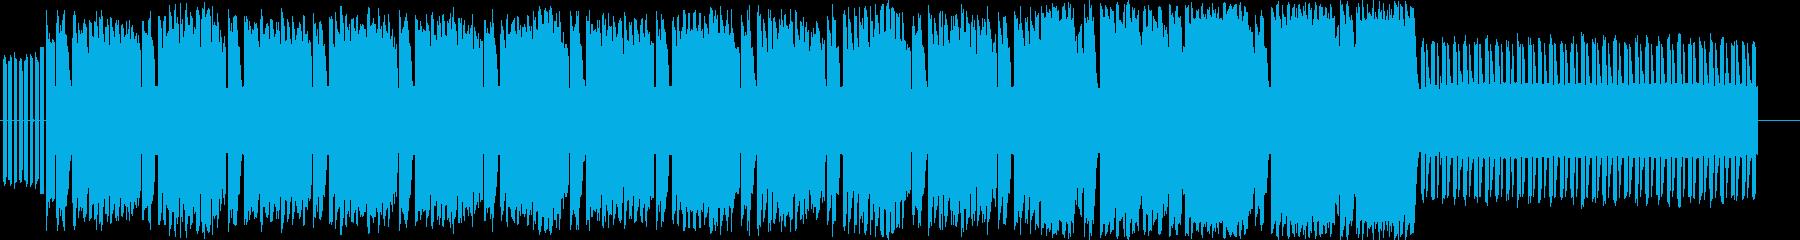 ファミコンレトロの単純なチップチューンの再生済みの波形